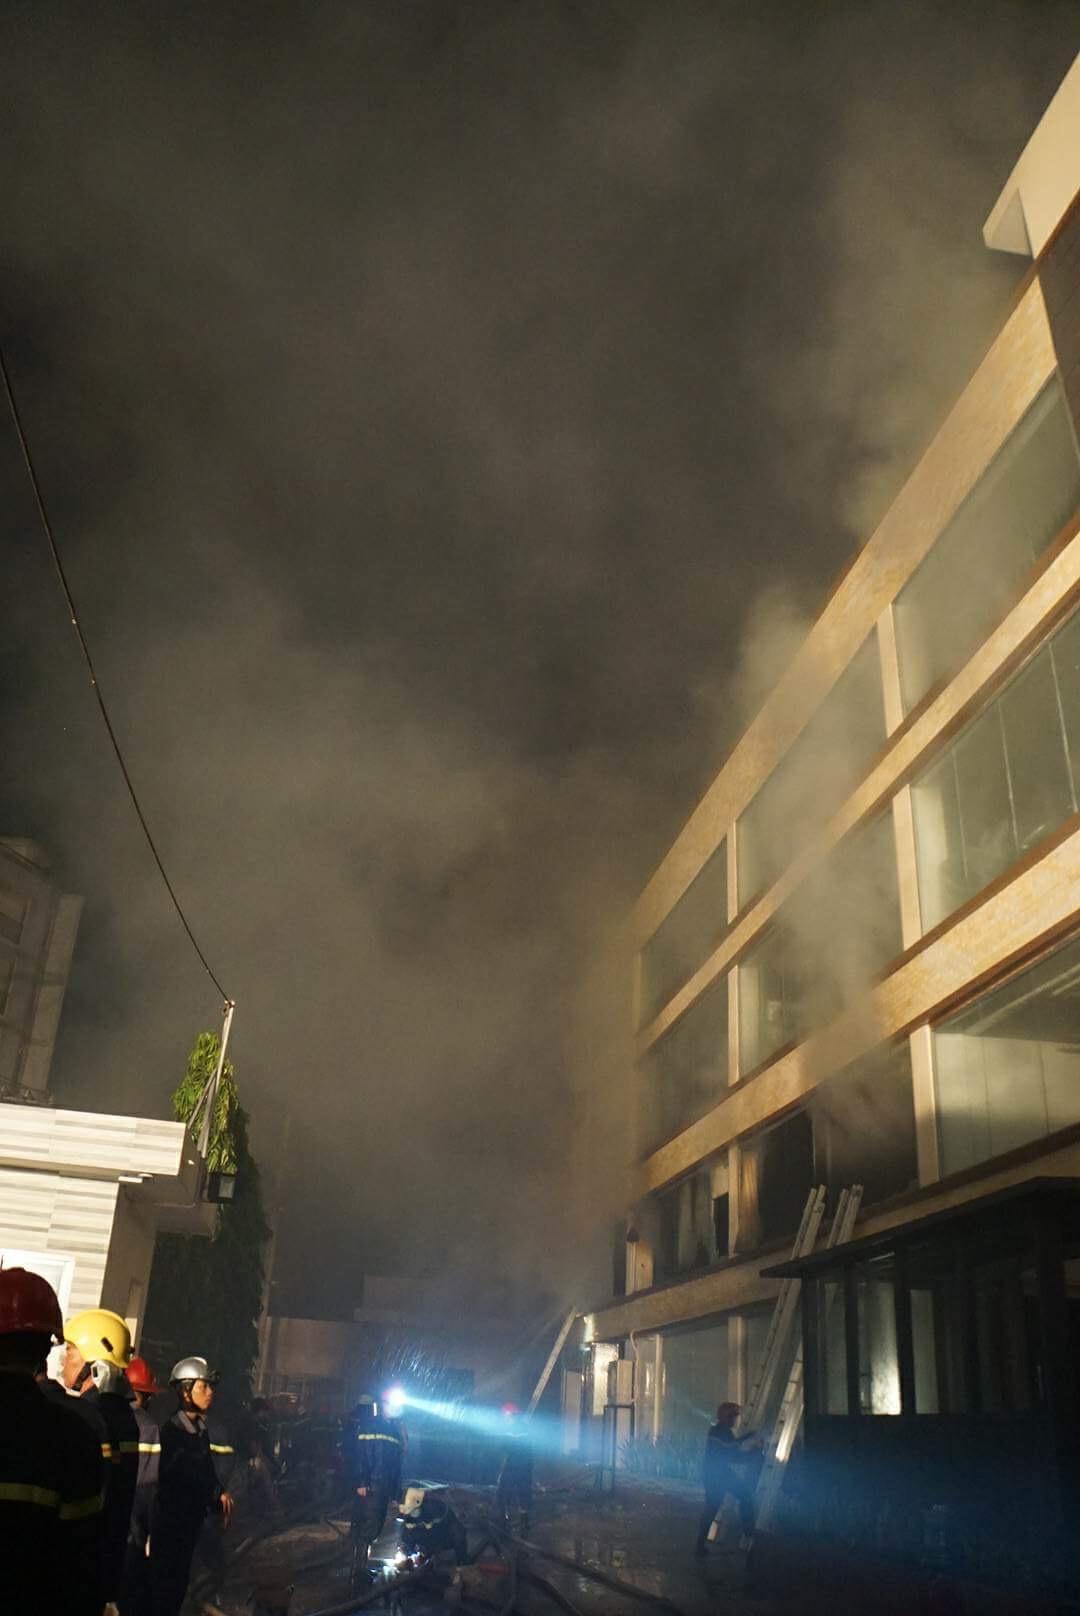 Hàng trăm lính cứu hỏa vật lộn với đám cháy xưởng bánh kẹo rộng gần 2.000m2 - 4